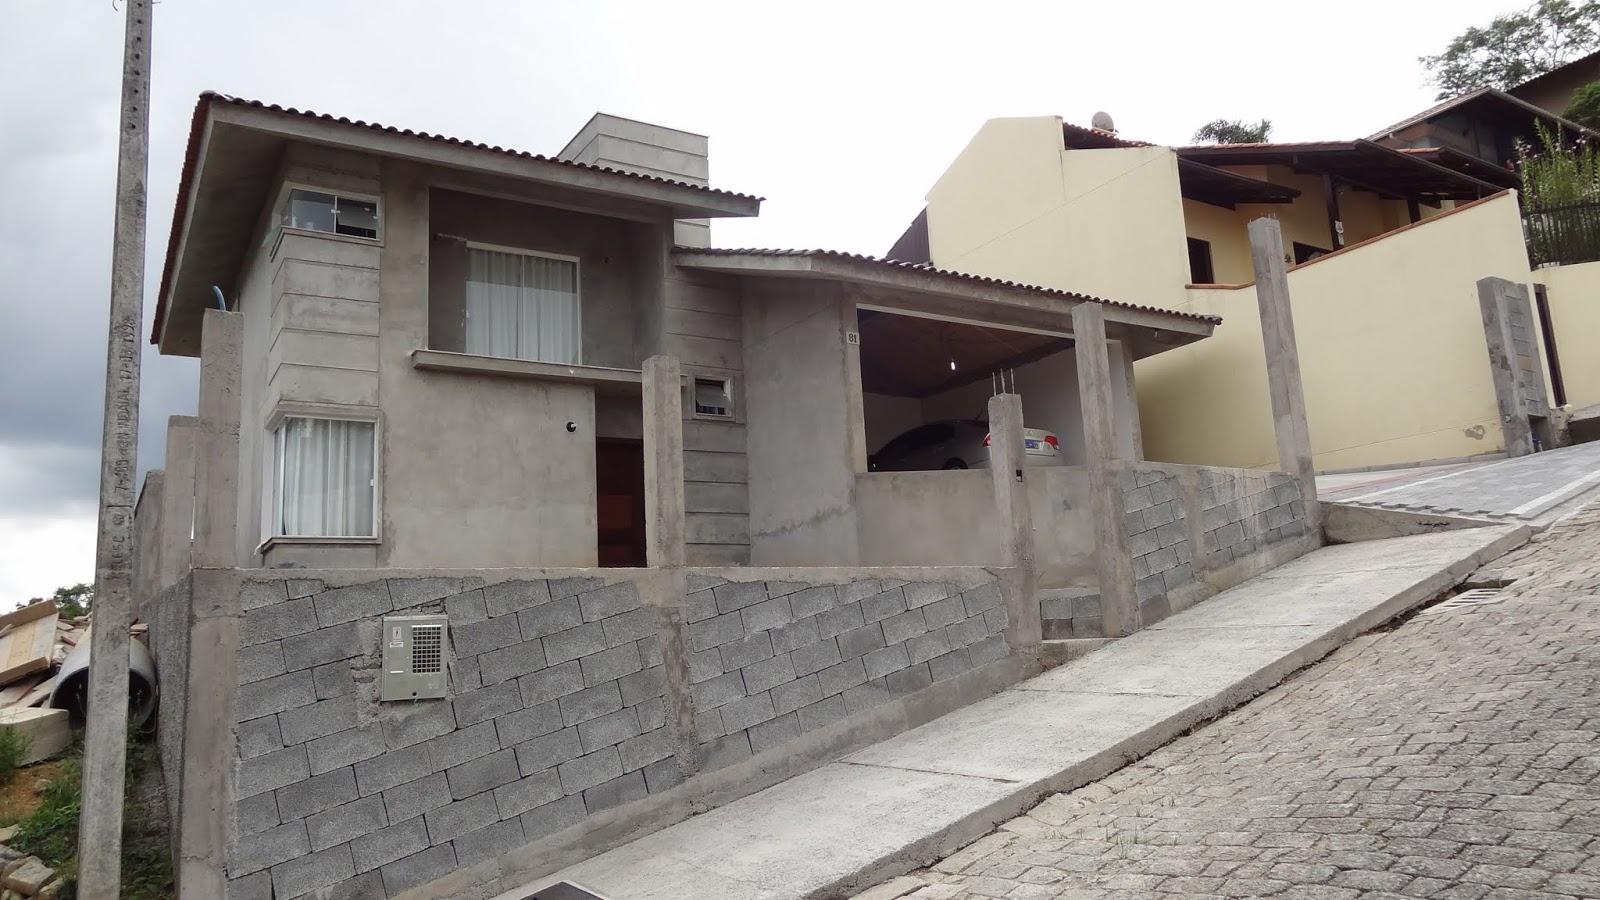 Nossa Casa no Site Construção da fundação ao acabamento: Fotos  #766B55 1600 900